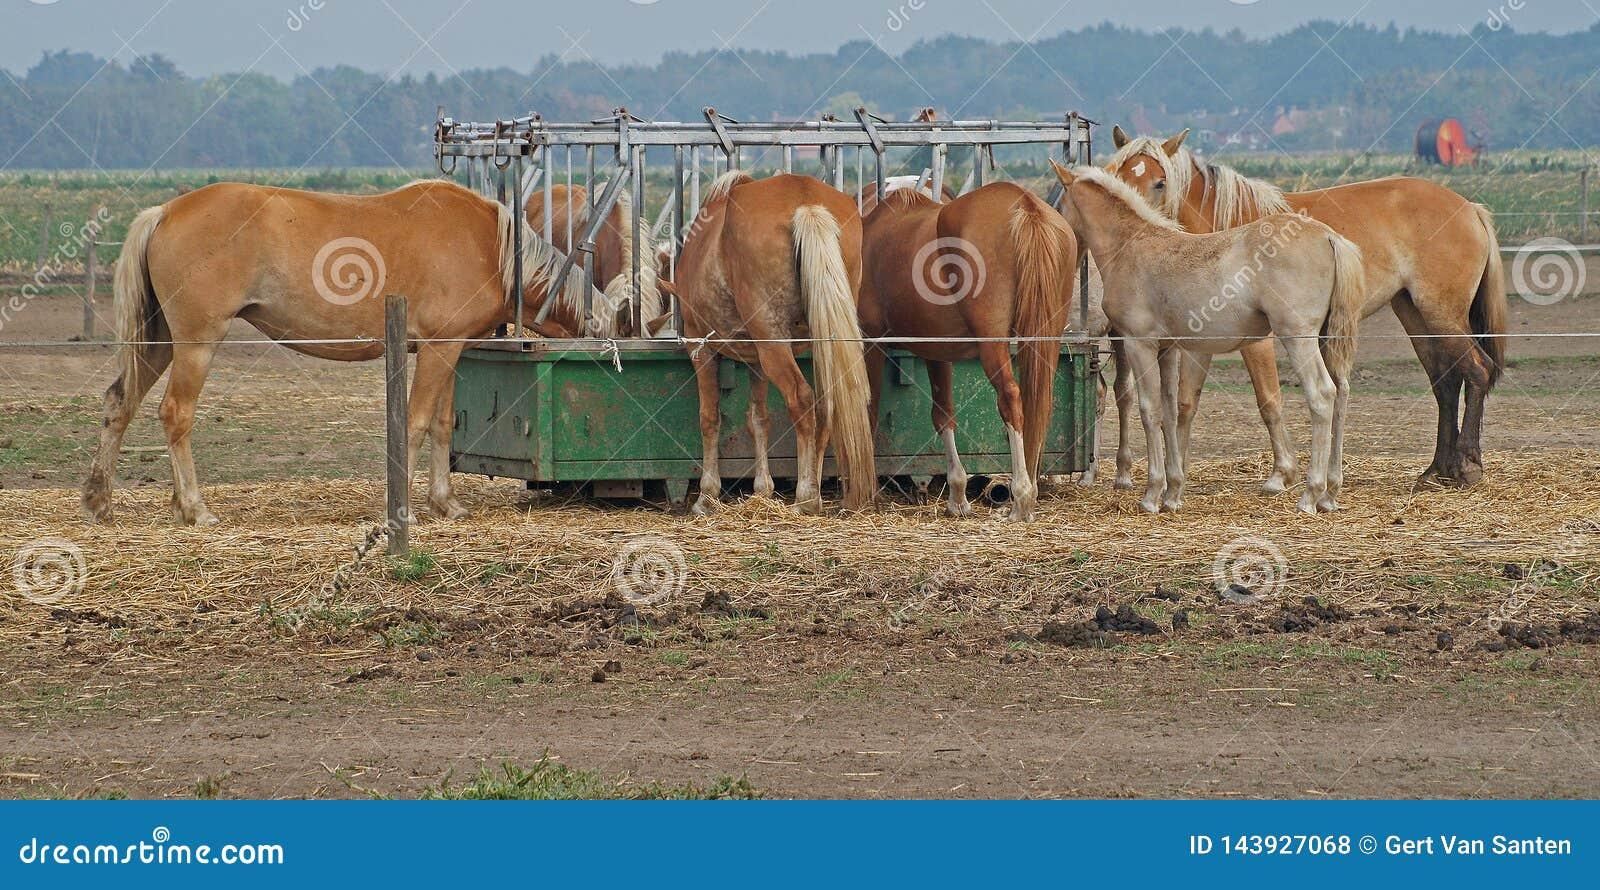 Пары коричневых лошадей едят от пищевого контейнера